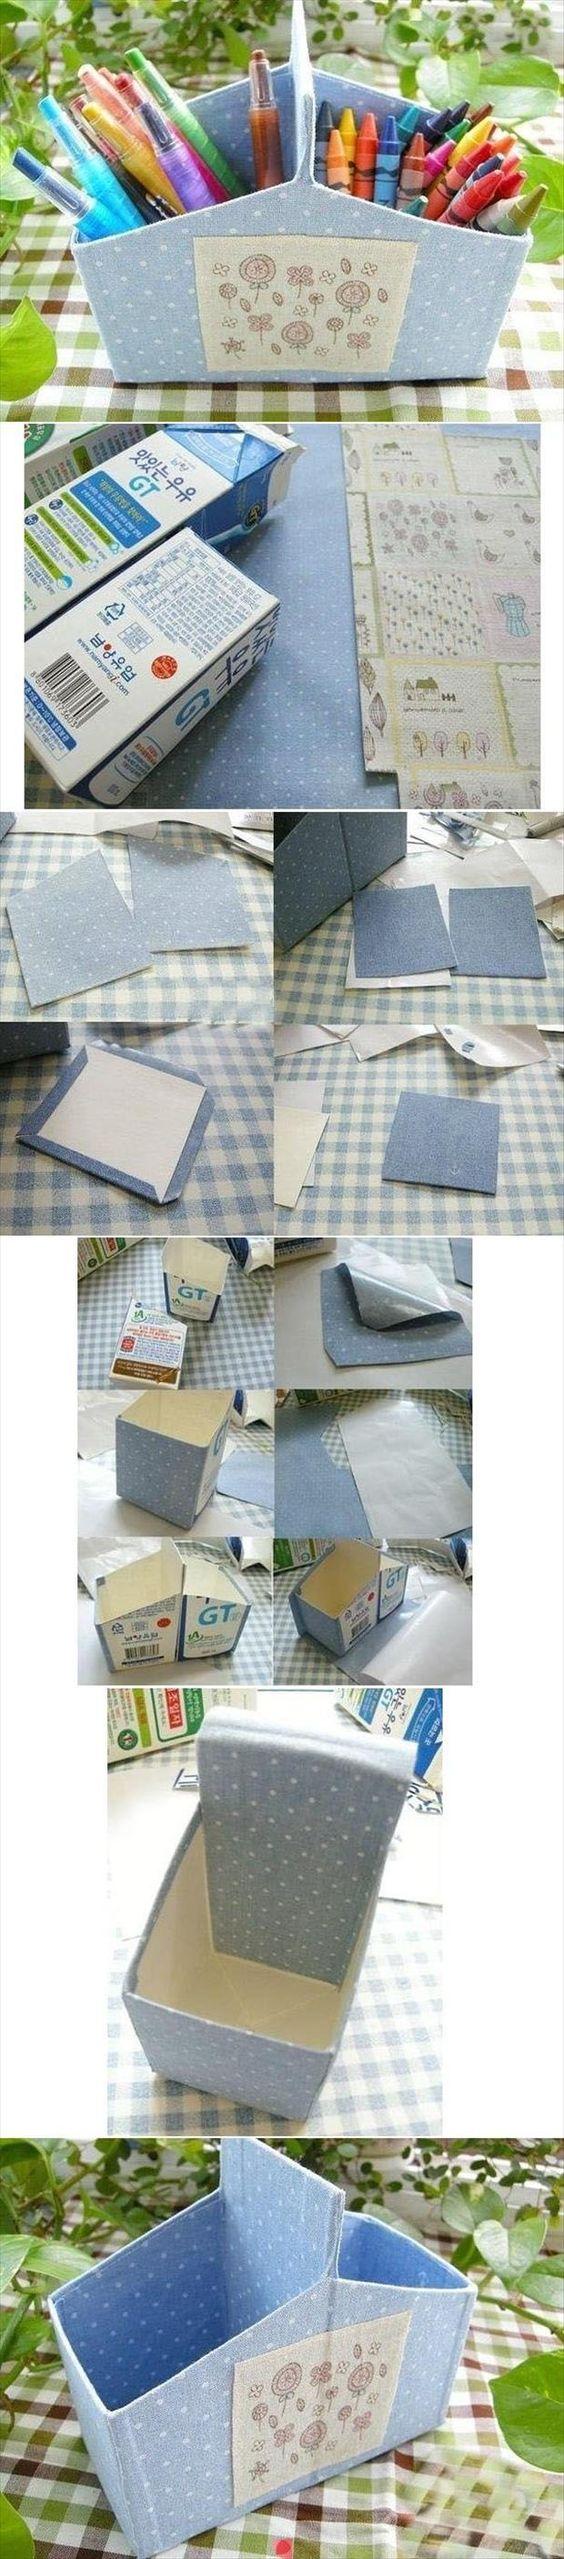 diy-reciclagem-pacotes-leite